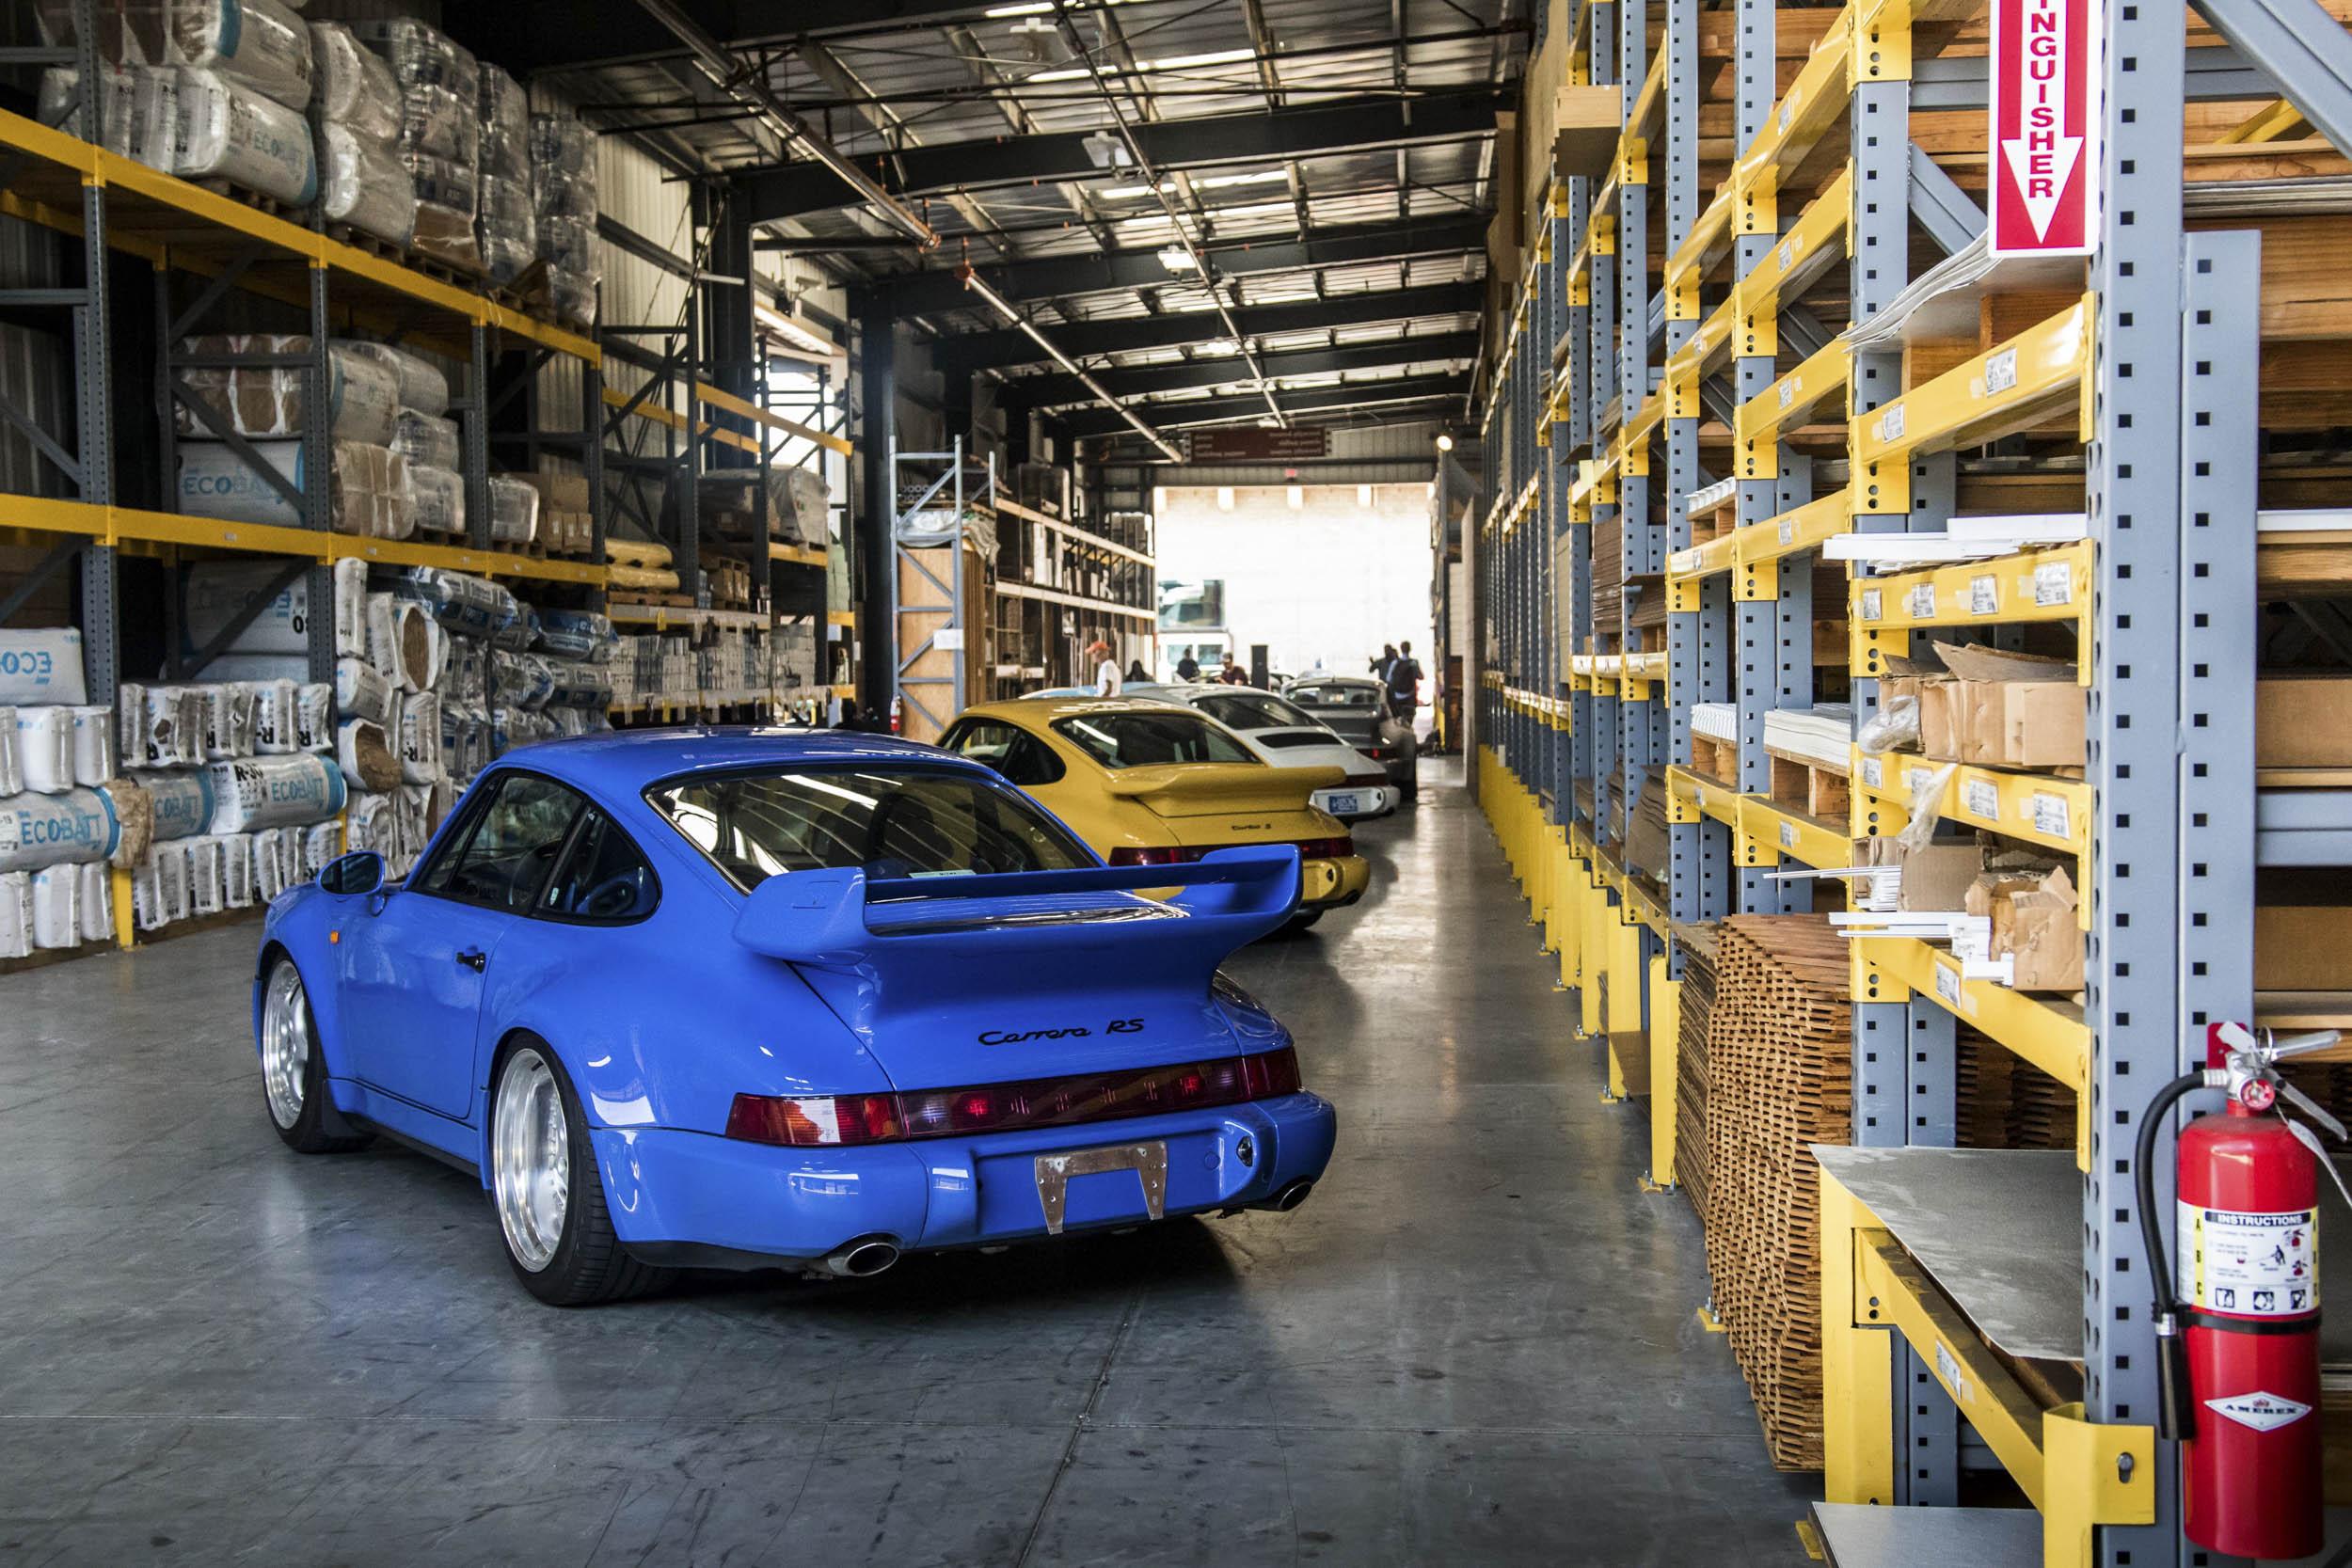 Porsche 911 line up at Luftgekühlt